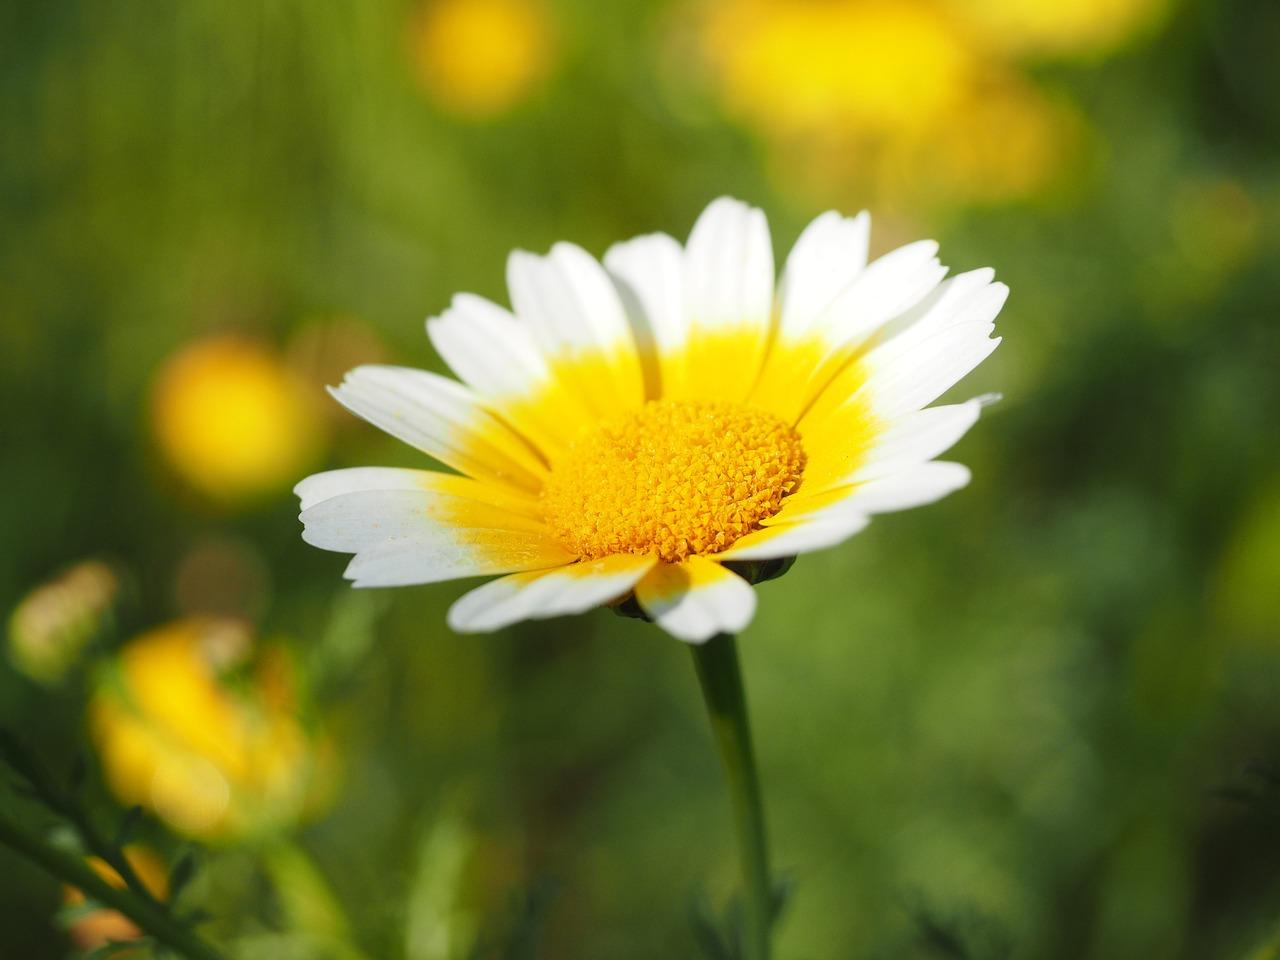 Crown Marigoldflowersfloweryellowwhite Free Photo From Needpix